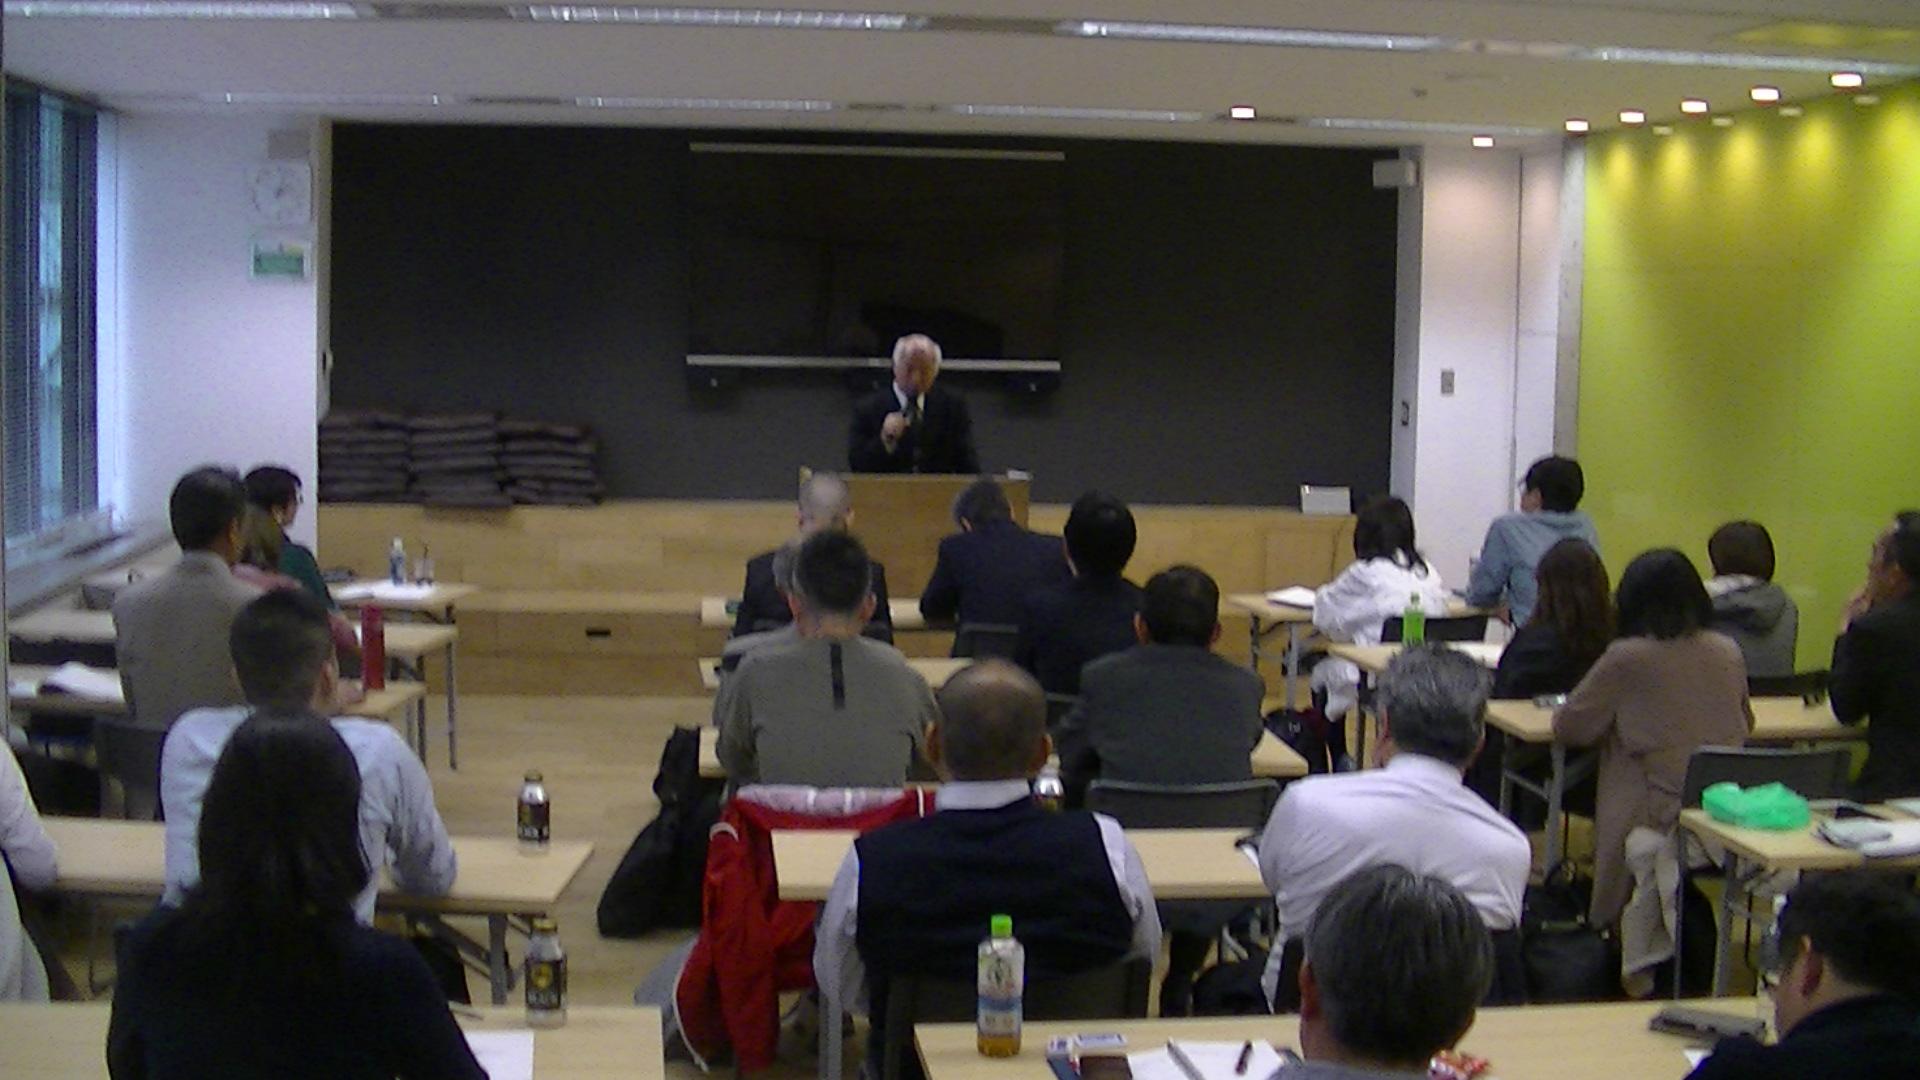 PIC 0779 - 2018年4月7日東京思風塾開催しました。